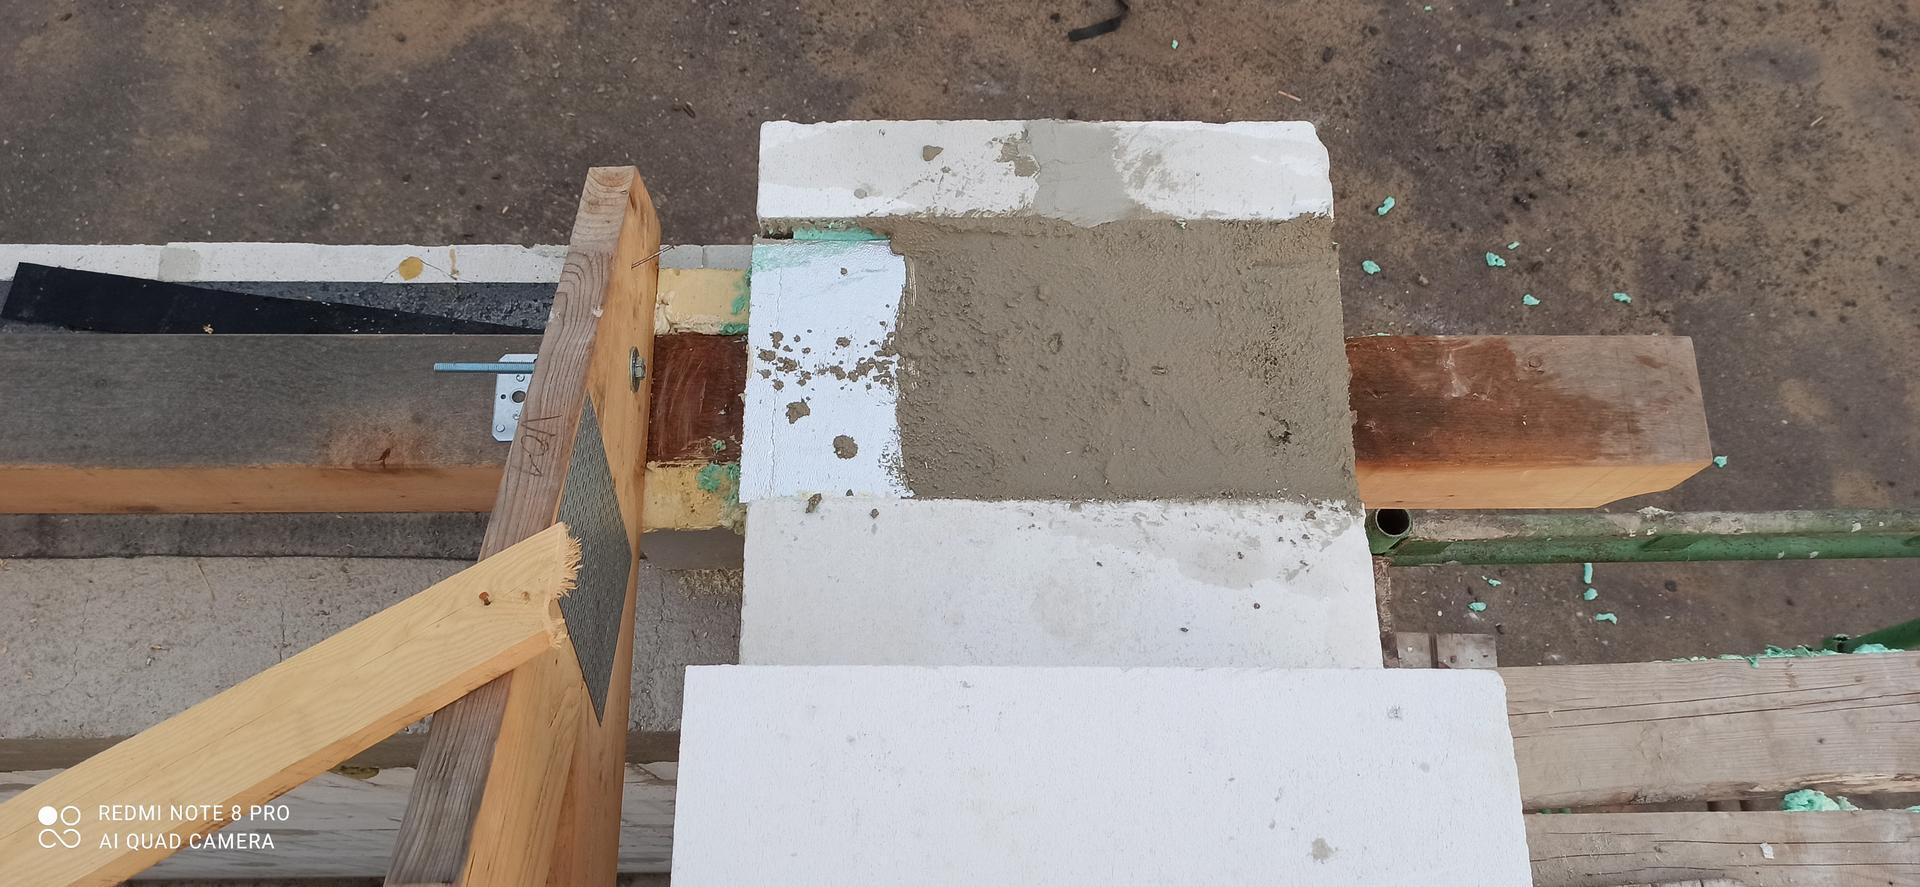 Střecha - Mezi vazník a zdivo ještě přijde krokev s BSH hranolu která bude přesahovat ven a tvořit přesah střechy.